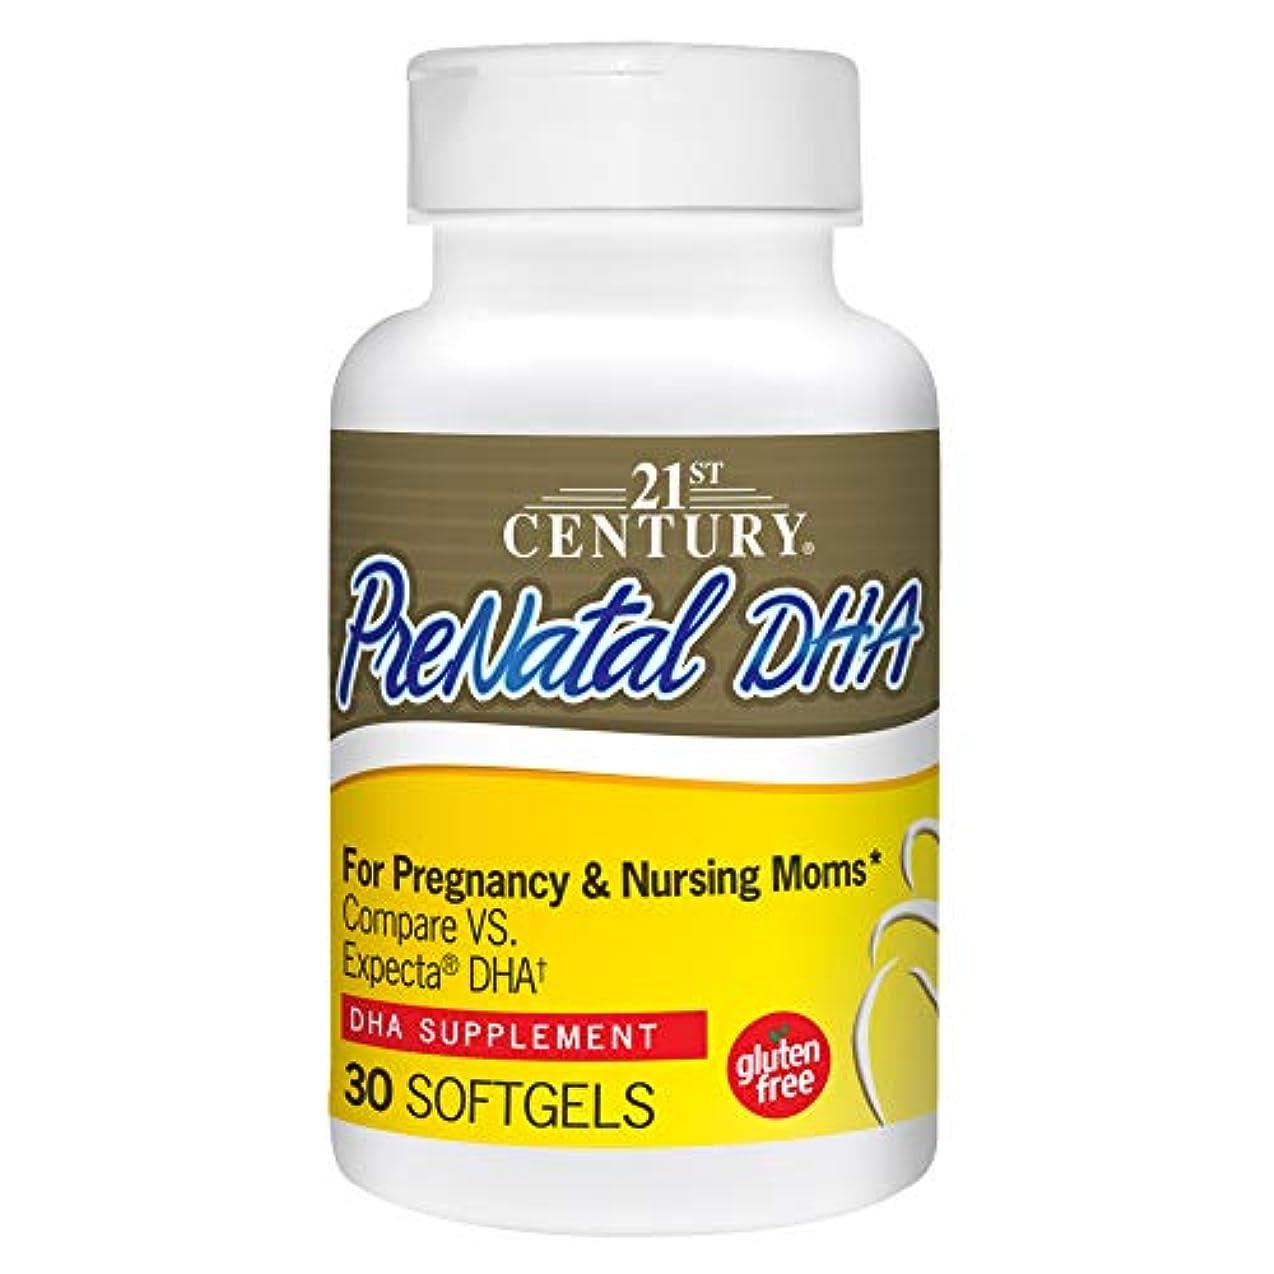 冷蔵庫満了クラッシュ妊婦用 PreNatal DHA 出生前DHA30ソフトジェル (パラレル入力品)と妊婦(海外カラの直送品)PreNatal DHA 30 Softgels